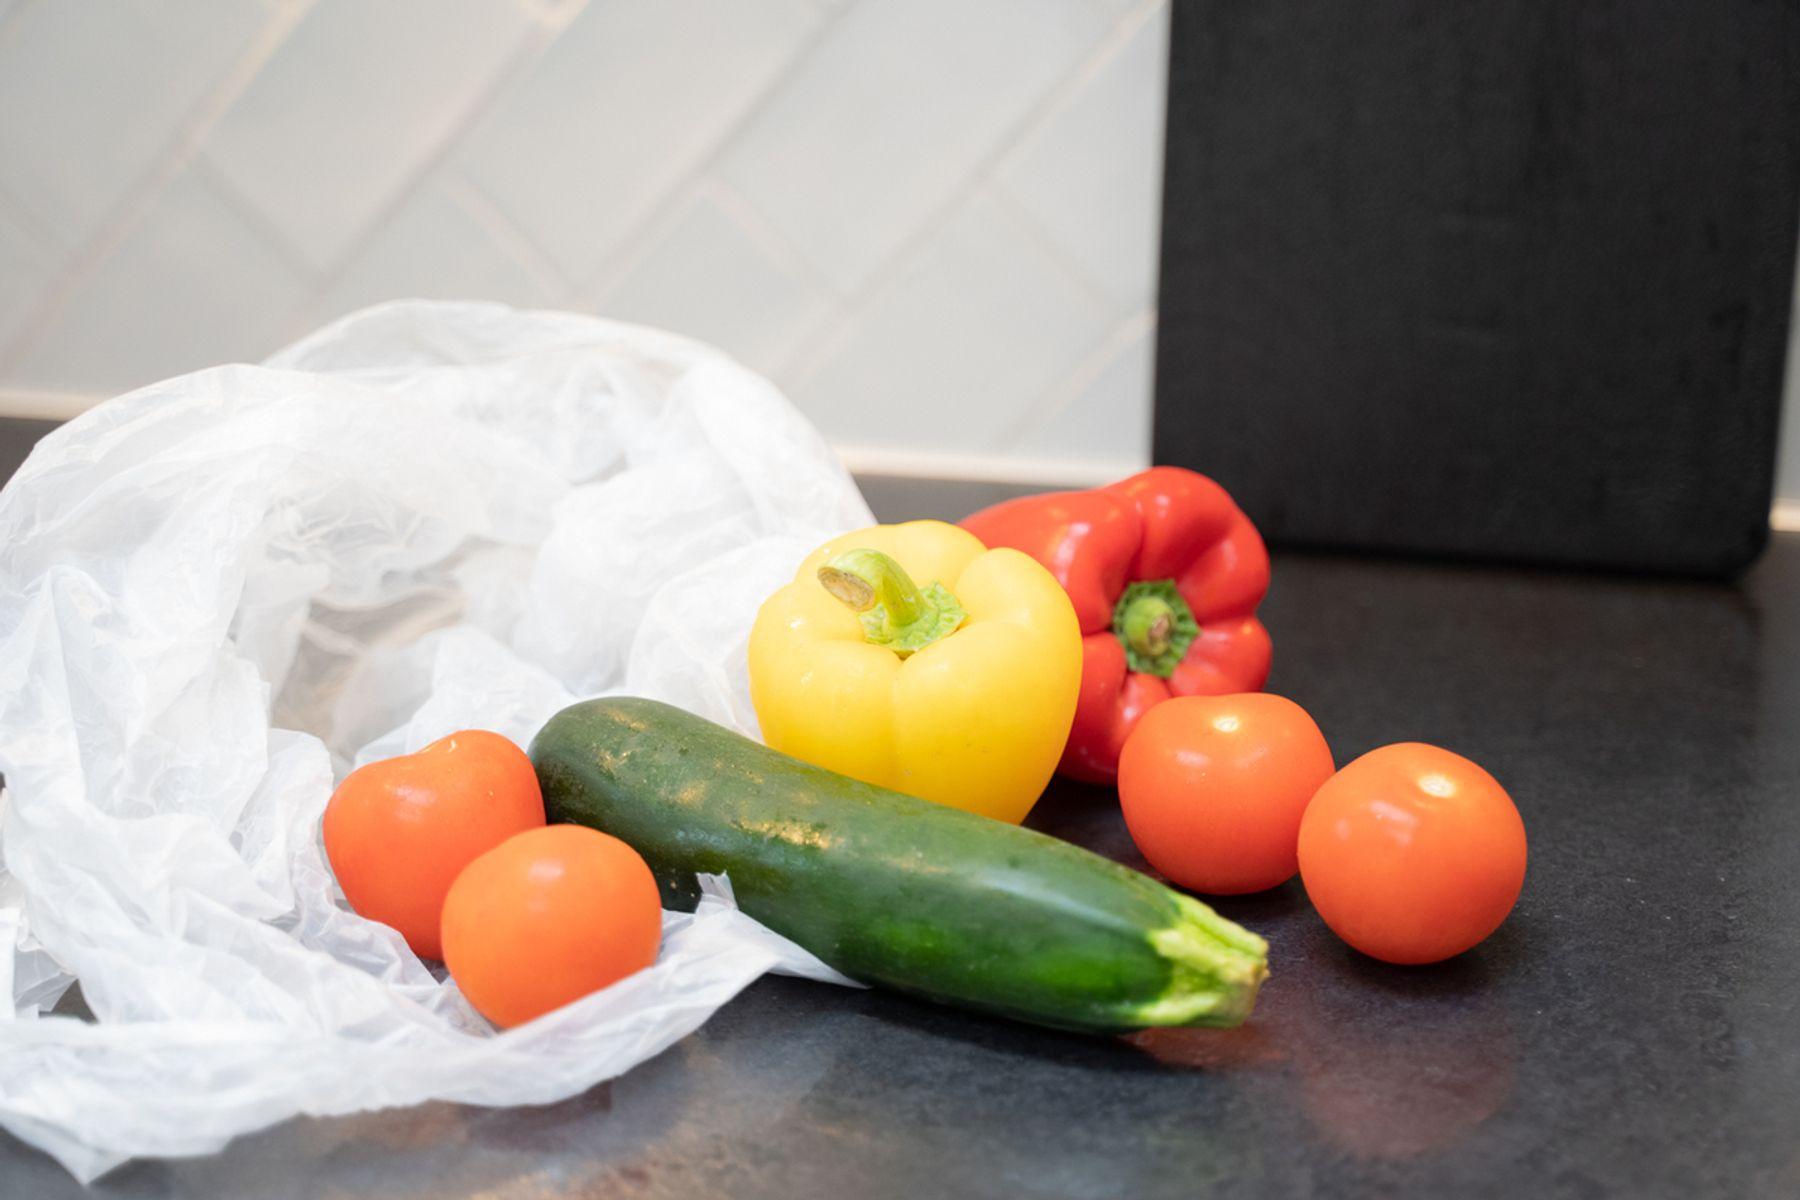 Assorted vegetables beside a plastic bag